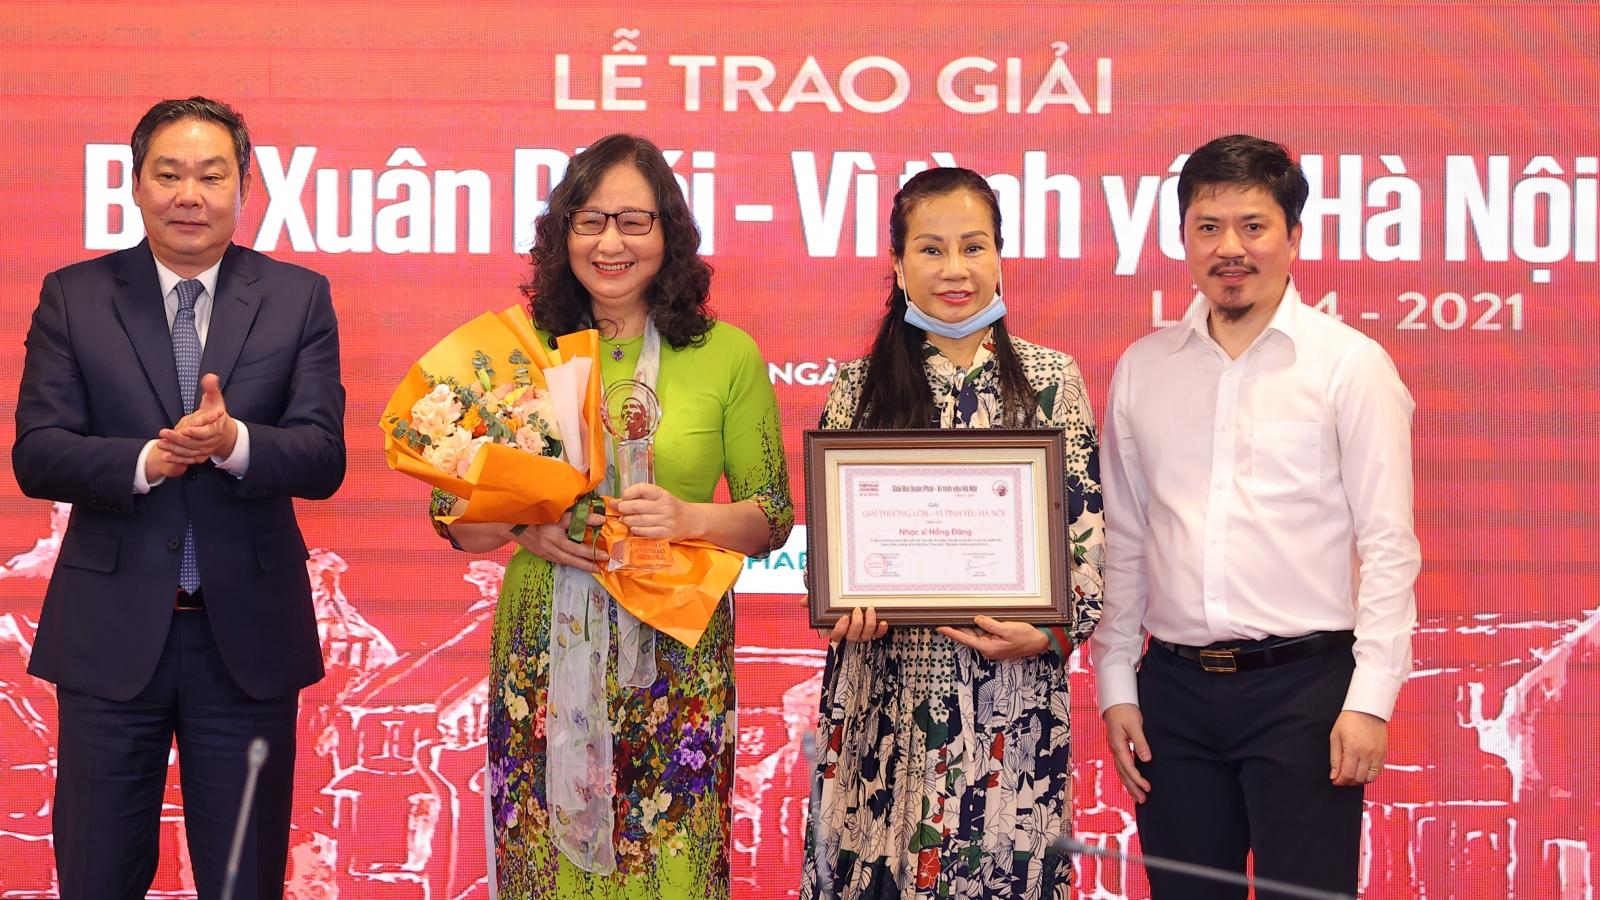 Nhạc sĩ Hồng Đăng nhận Giải thưởng Lớn - Vì tình yêu Hà Nội 2021